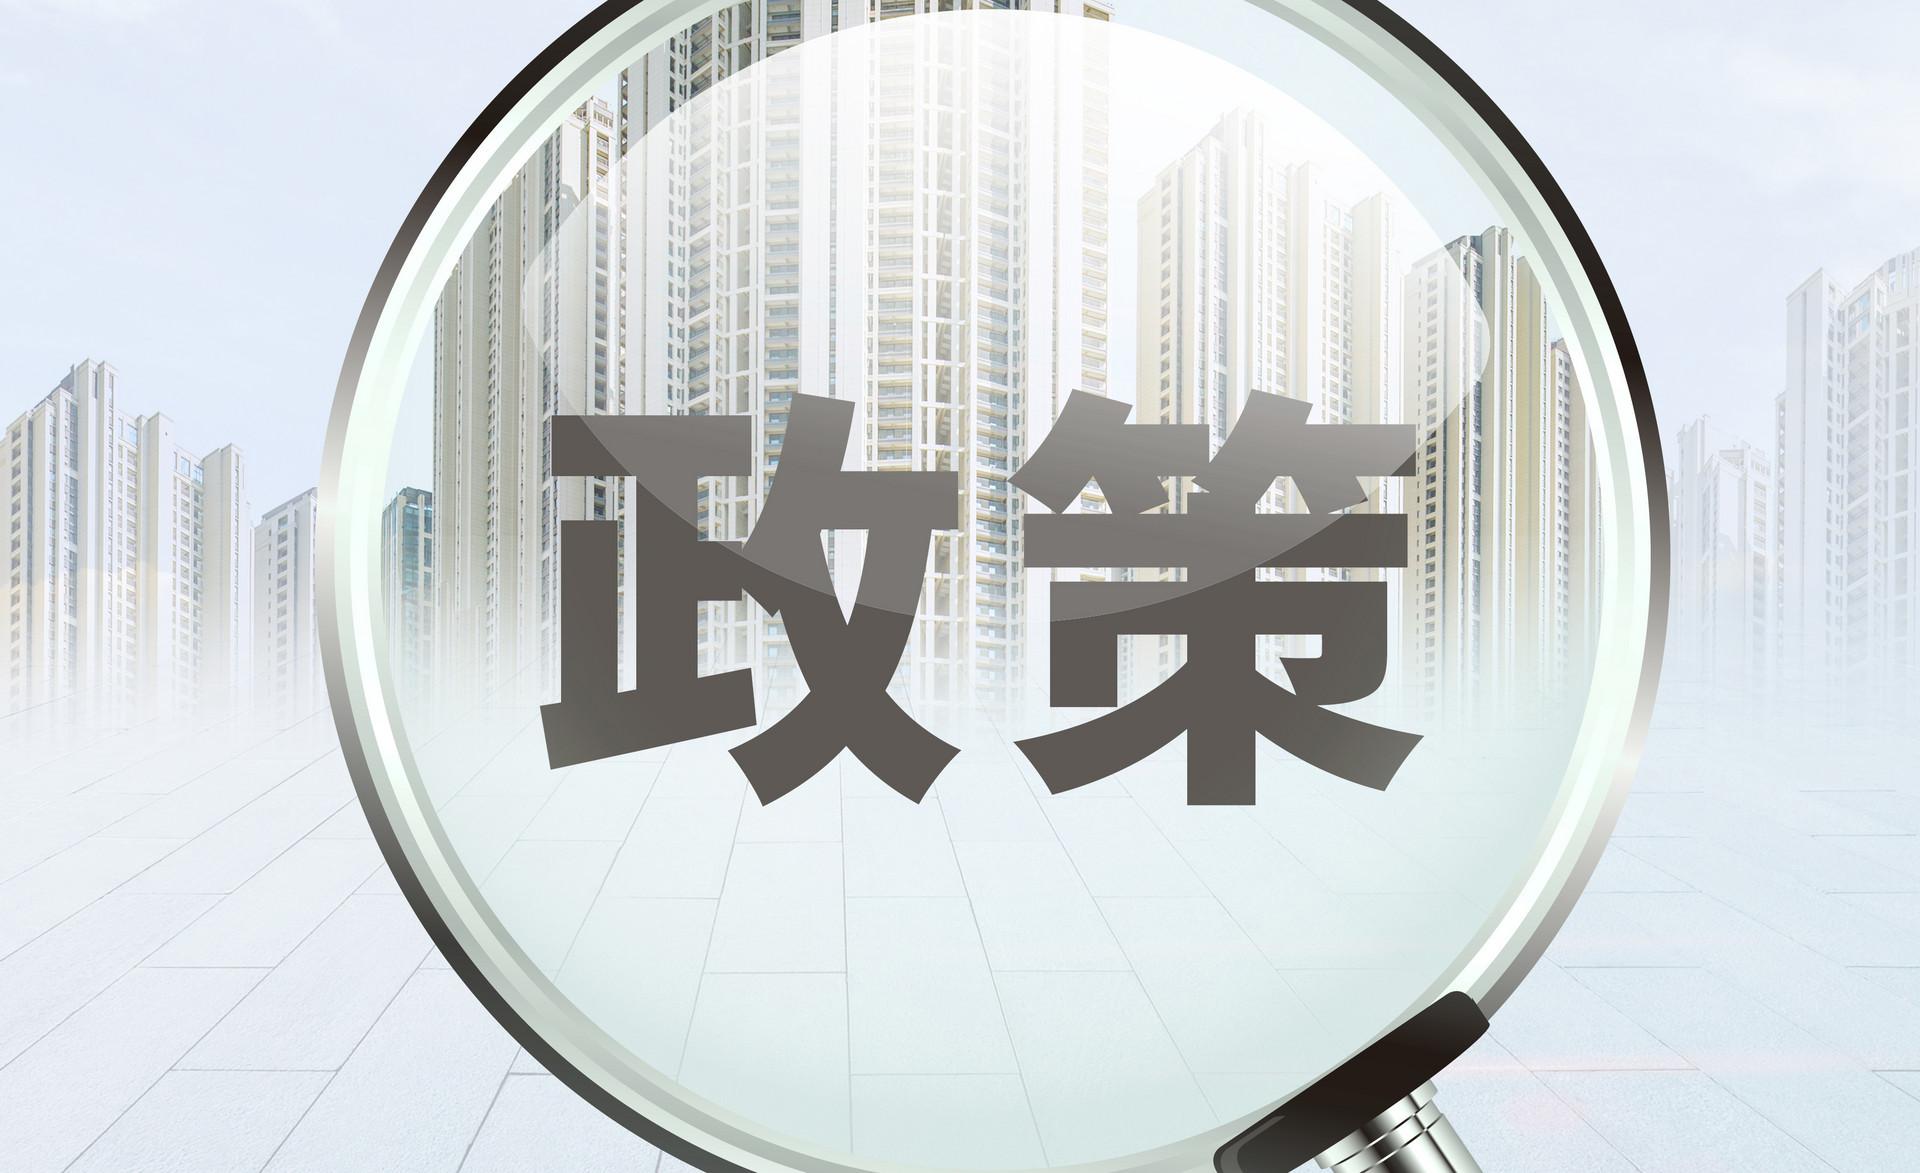 民营gdp_吉林省关于突出发展民营经济的调研报告